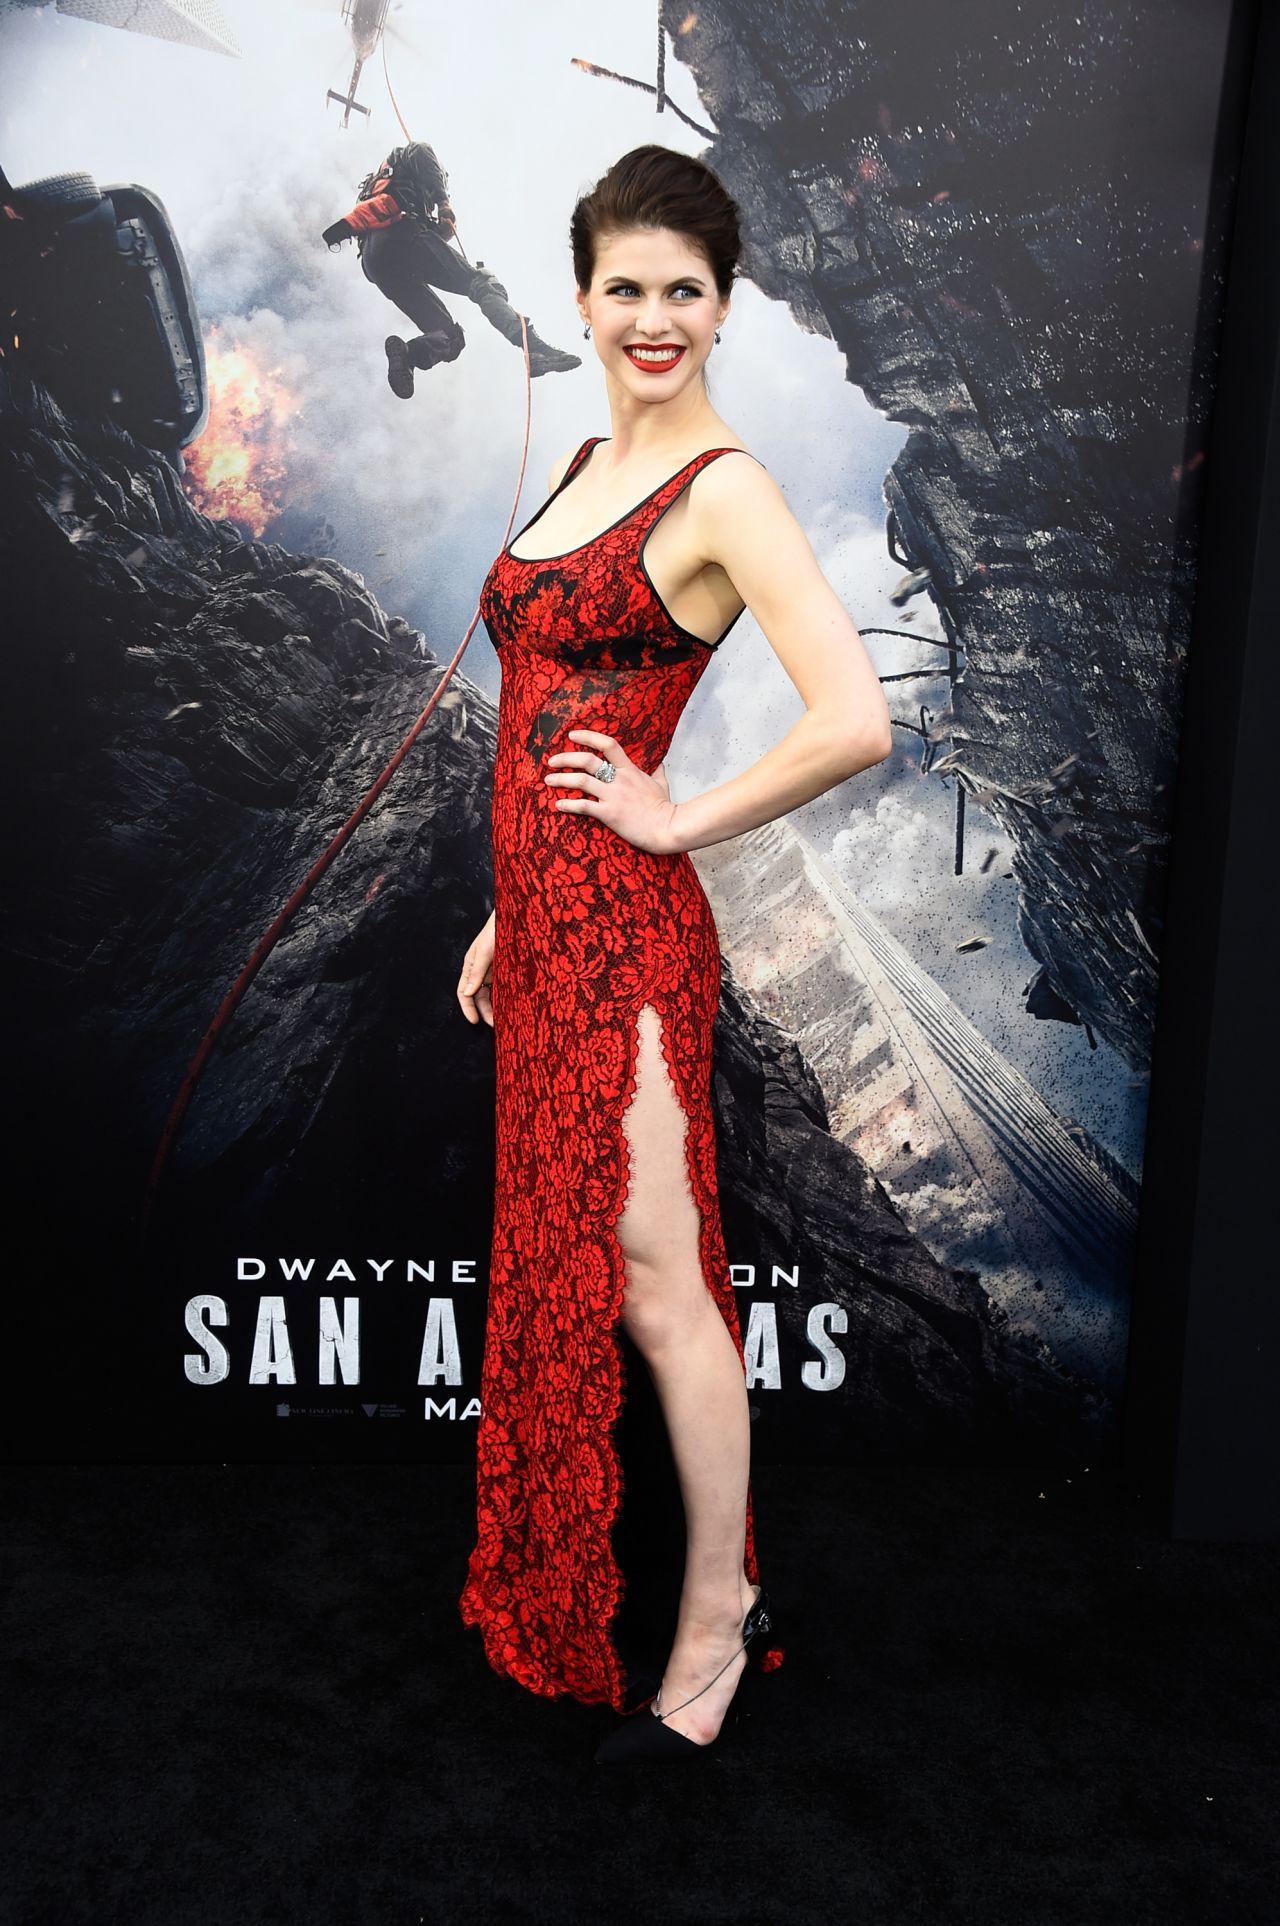 Alexandra Daddario San Andreas : alexandra, daddario, andreas, Alexandra, Daddario, Andreas, Premiere, Hollywood, CelebMafia